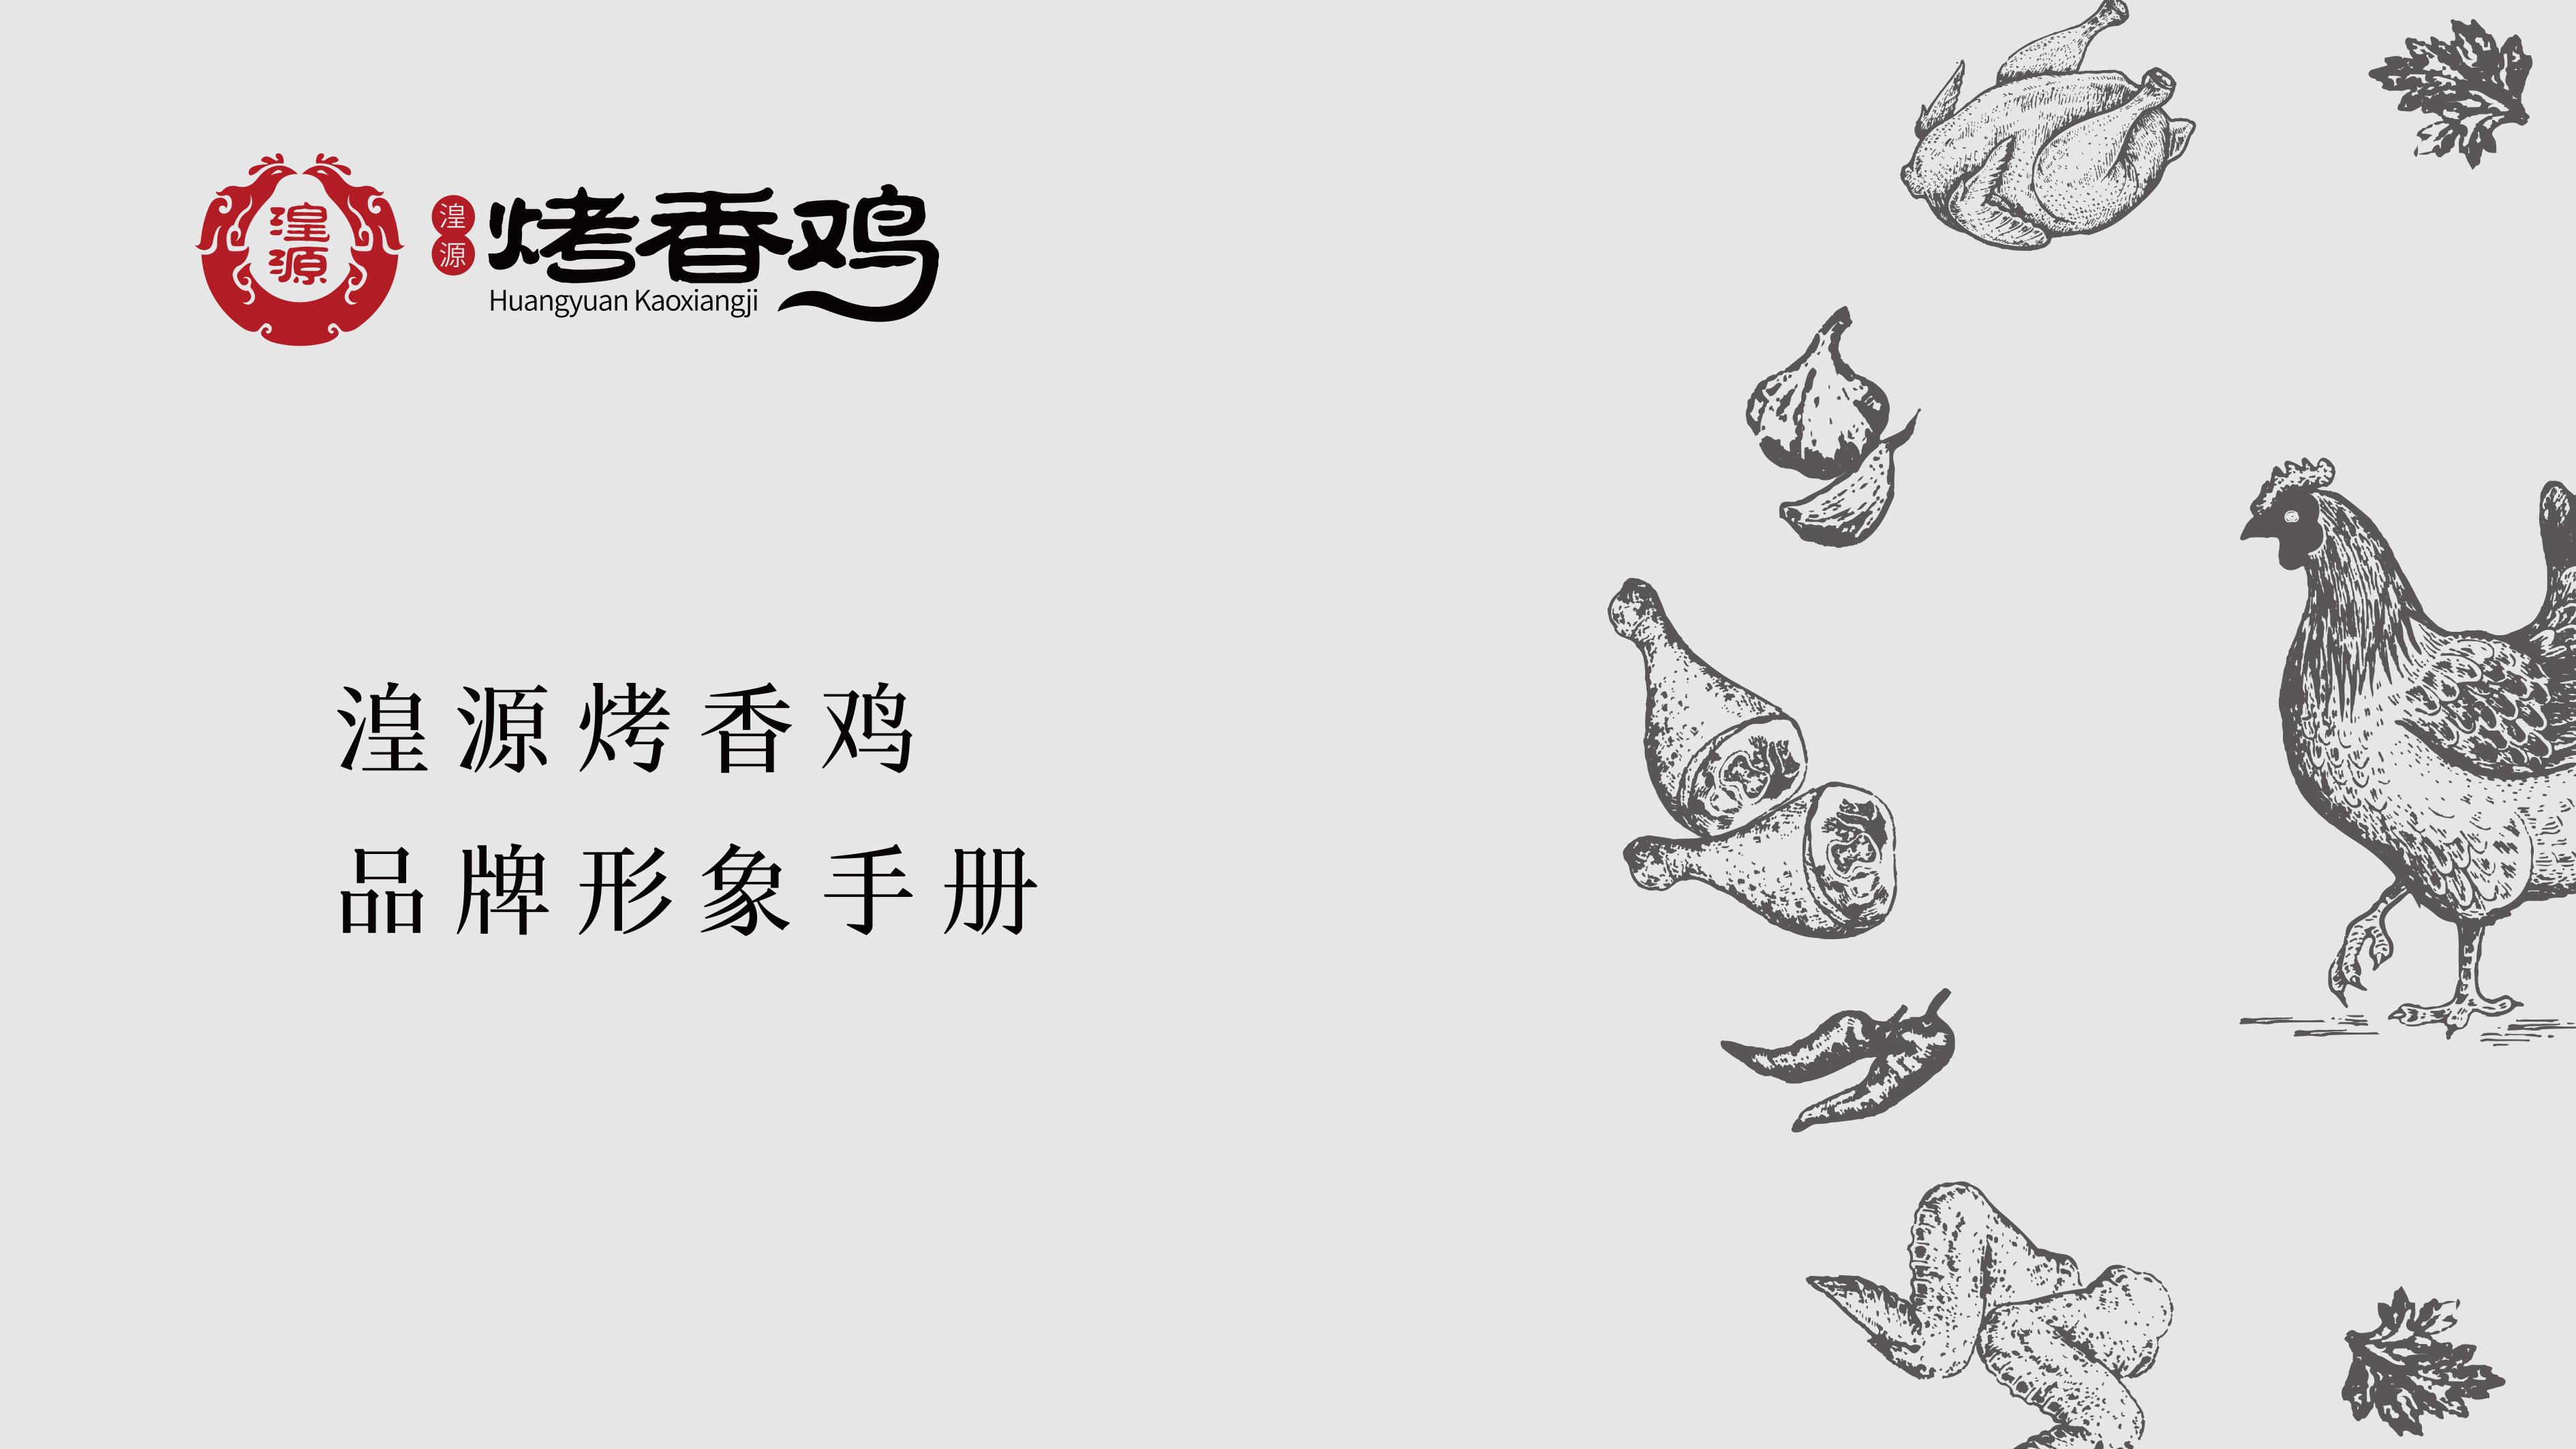 王家食品开发有限公司~湟源烤香鸡VI设计